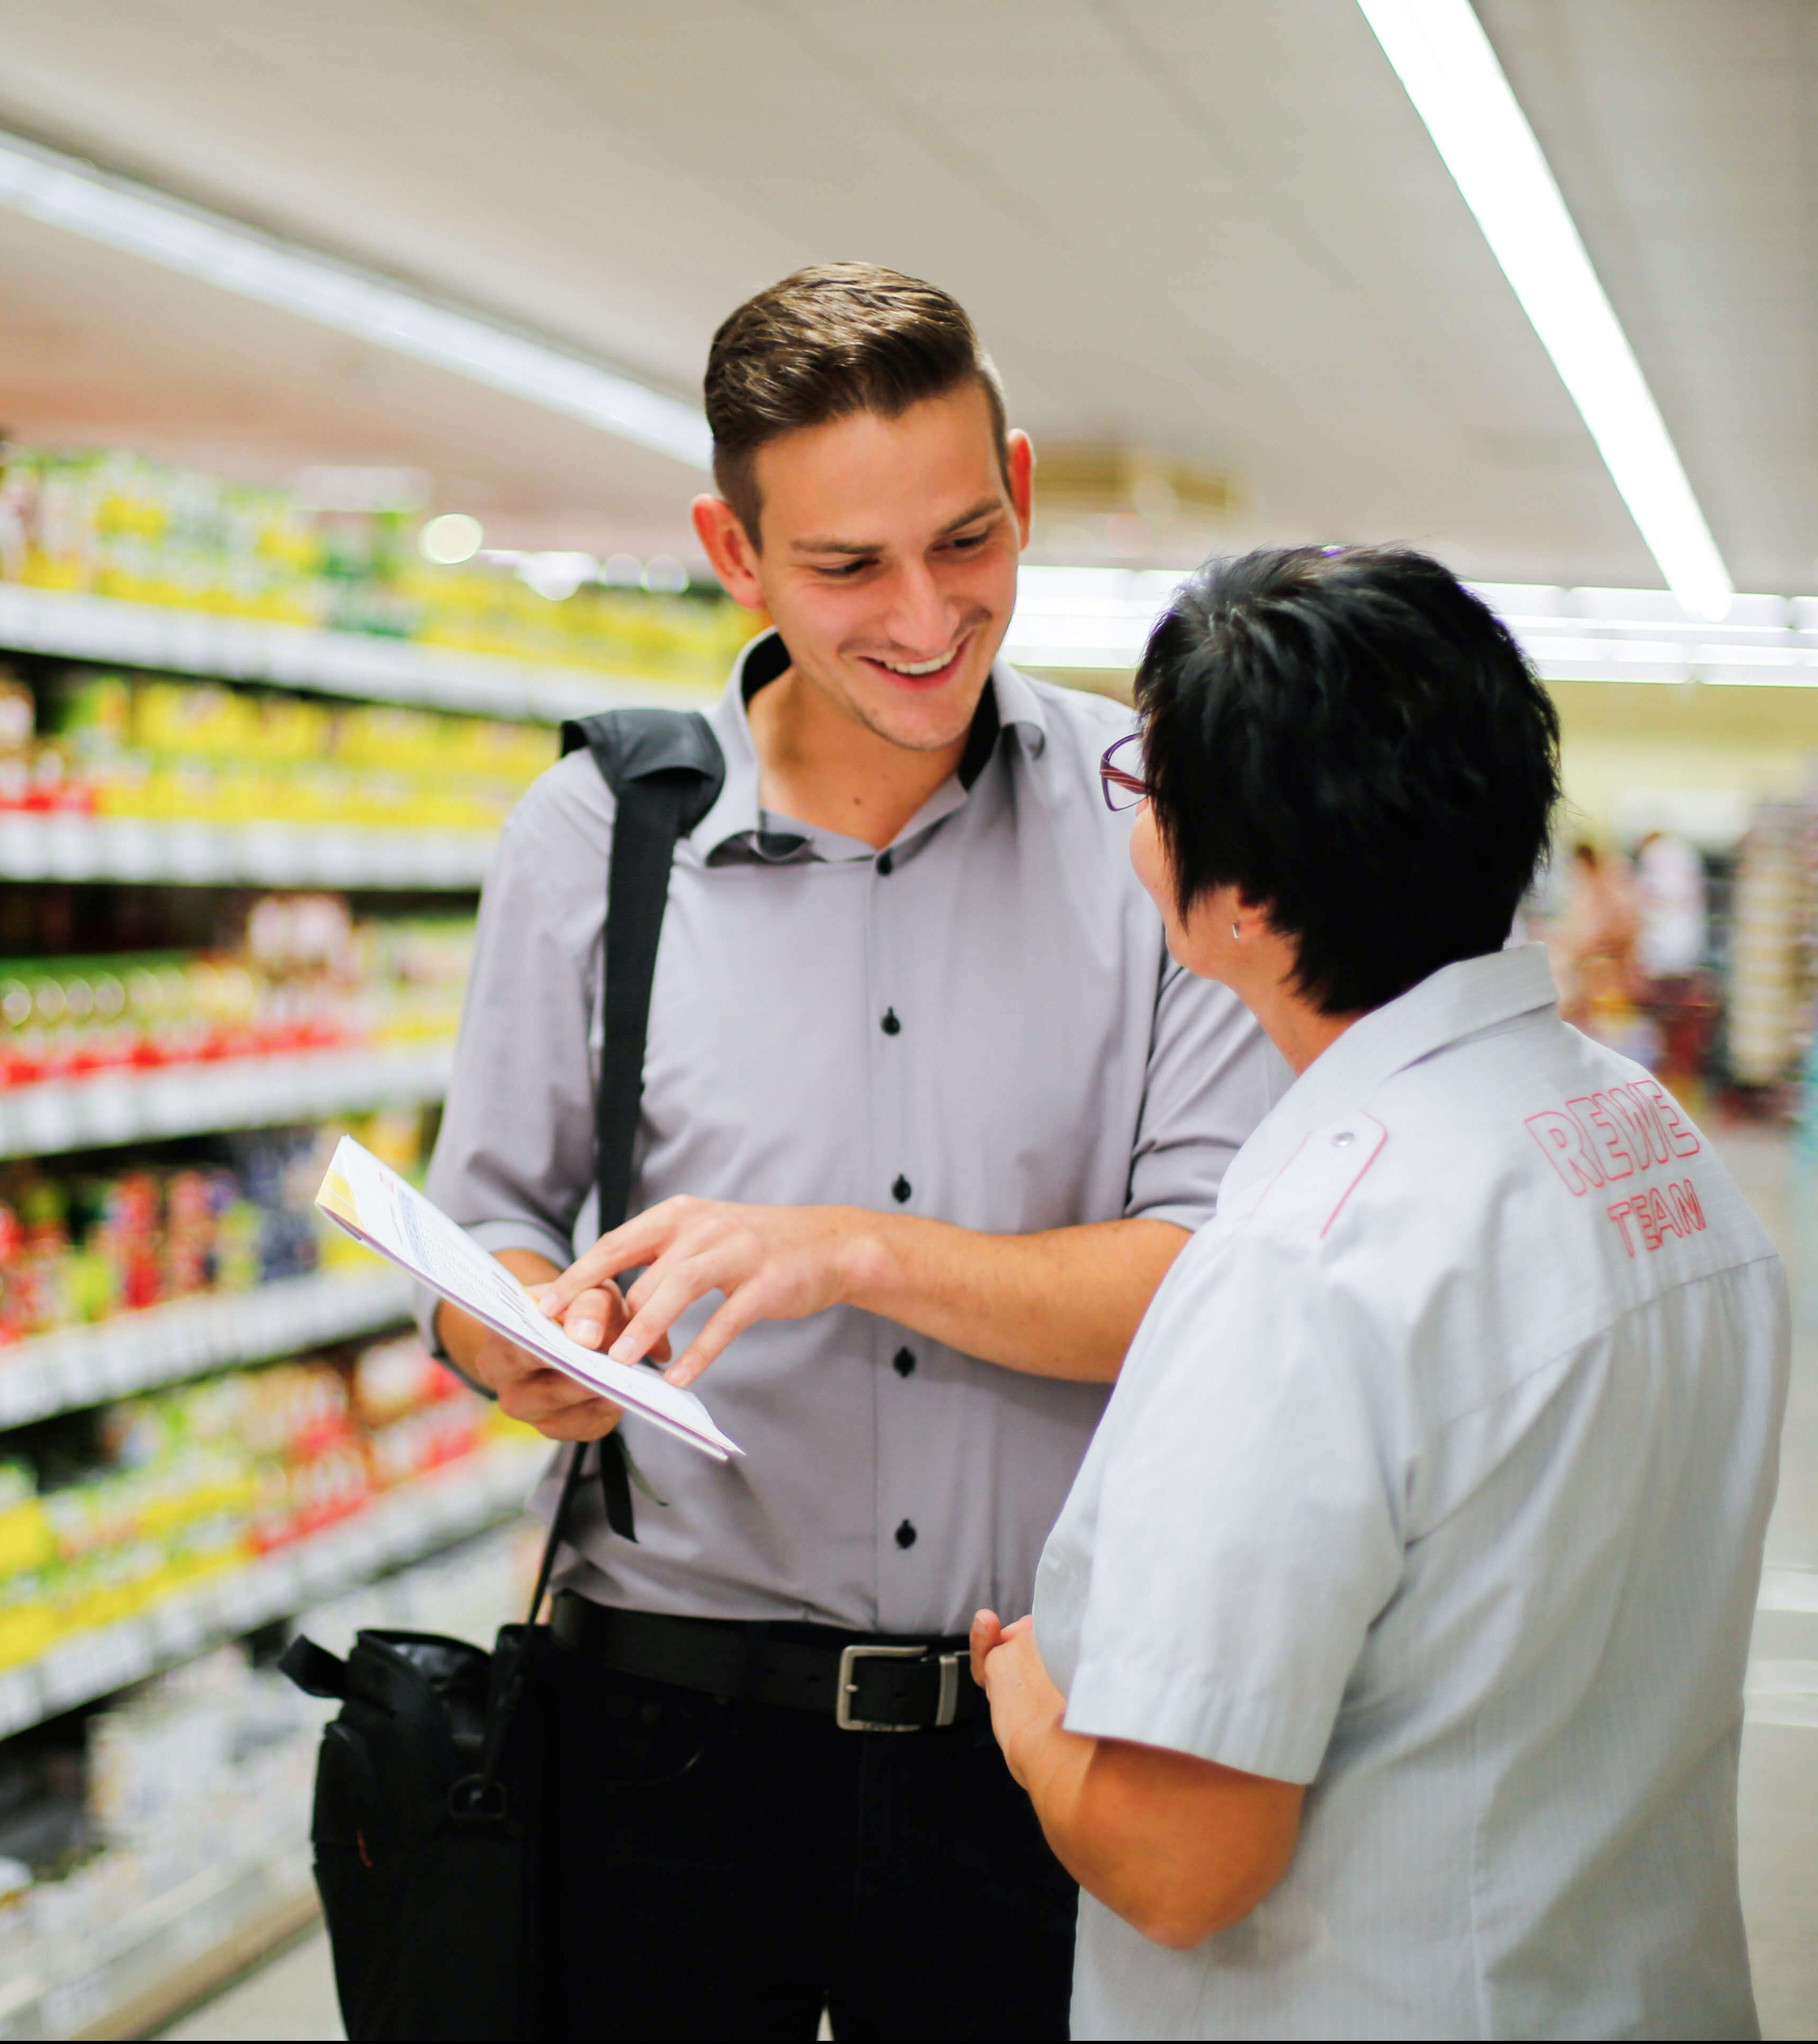 Ein Außendienstmitarbeiter im Lebensmitteleinzelhandel im Beratungsgespräch